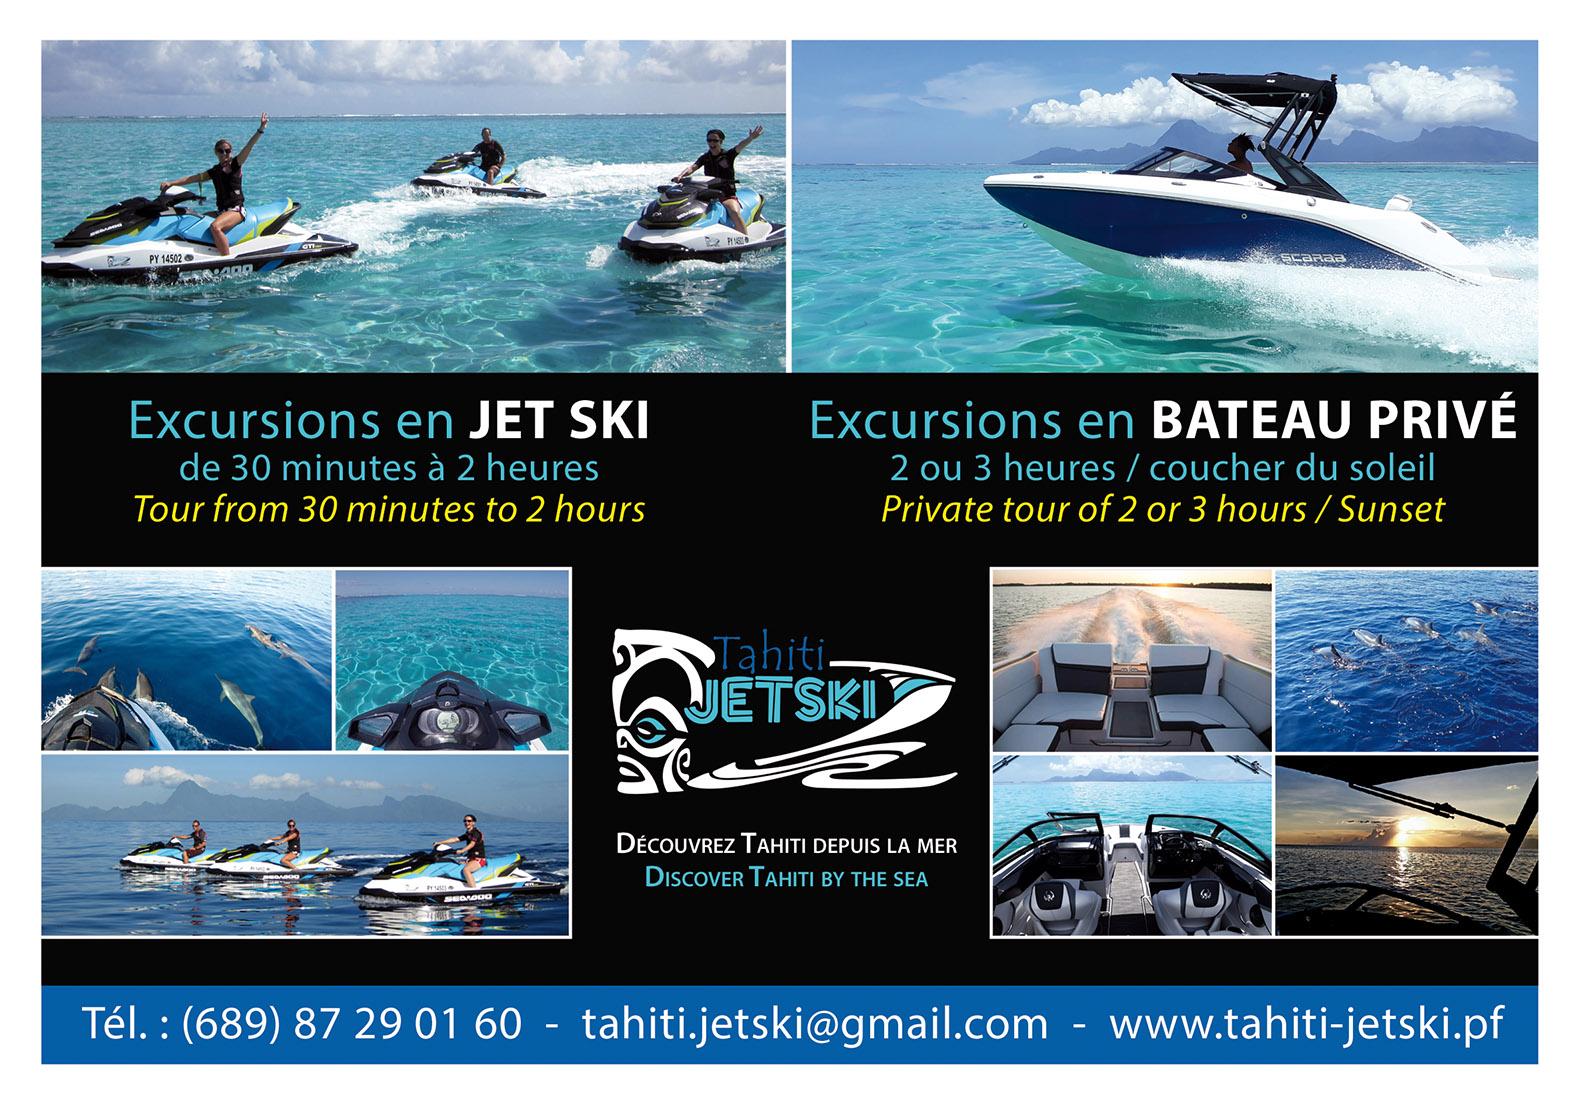 https://tahititourisme.uk/wp-content/uploads/2017/08/Tahiti-Jet-Ski-190x130-sept-2.jpg